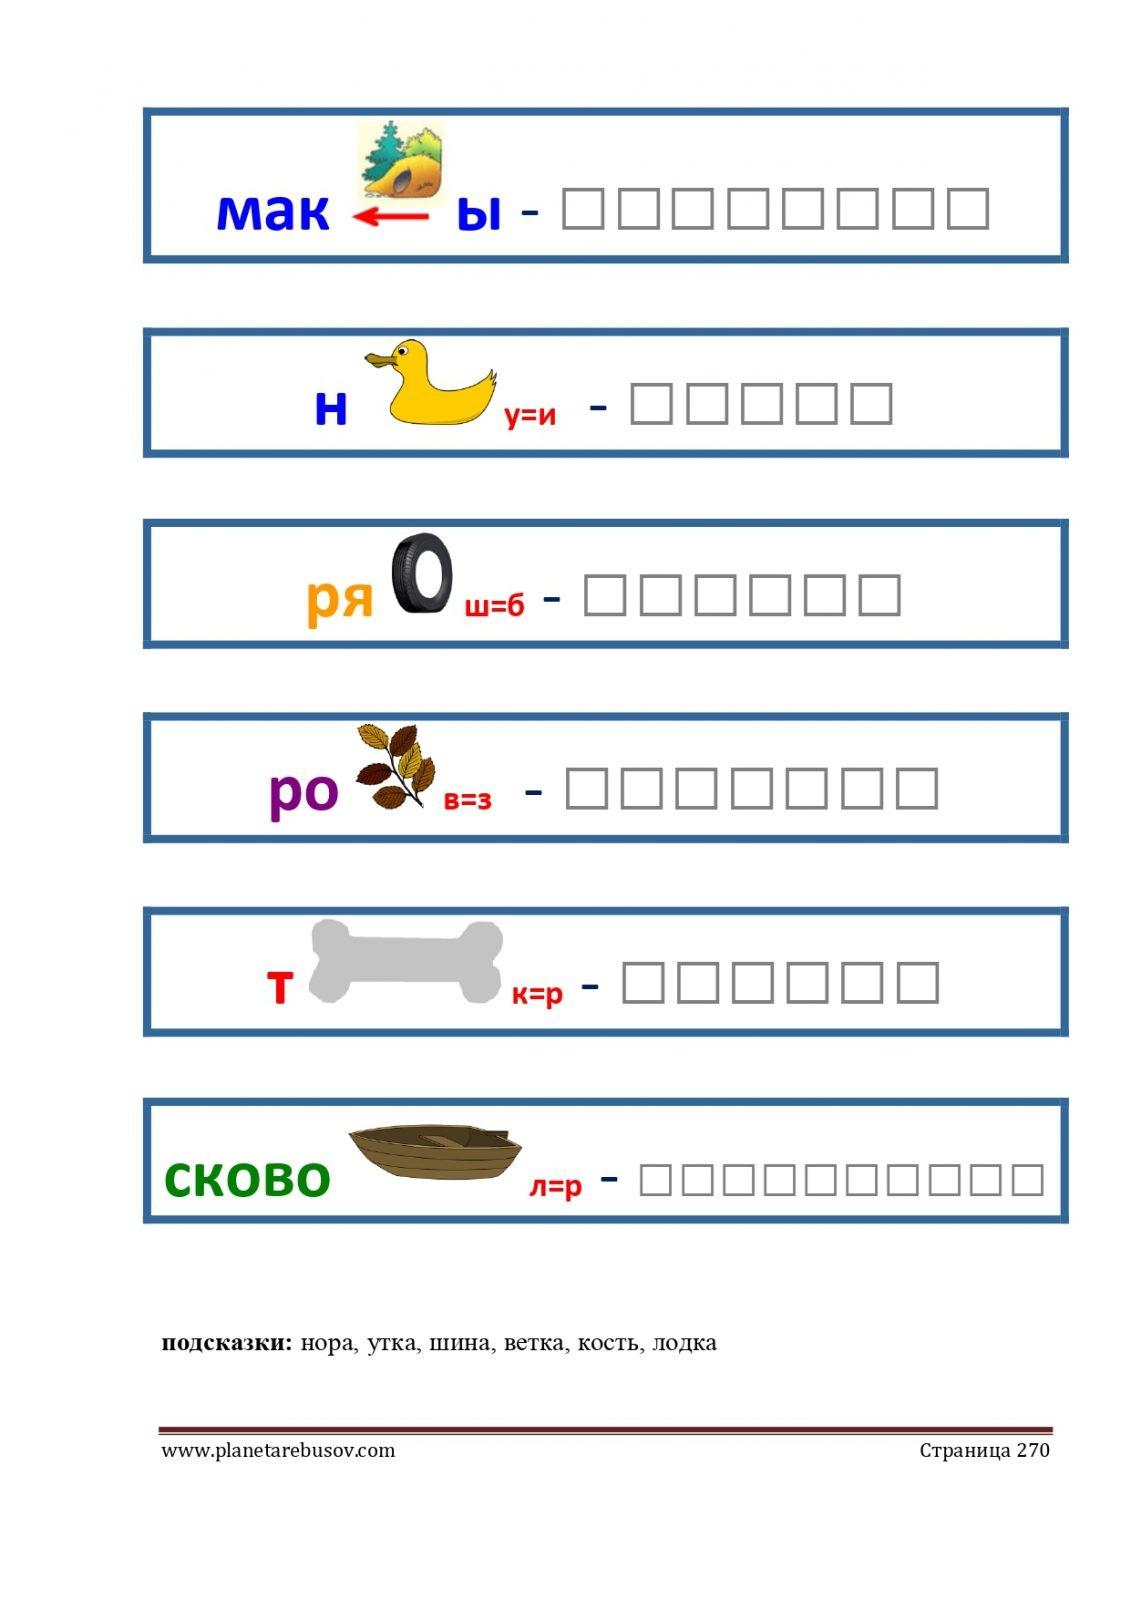 Ребусы: макароны, нитка, рябина, розетка, трость, сковородка